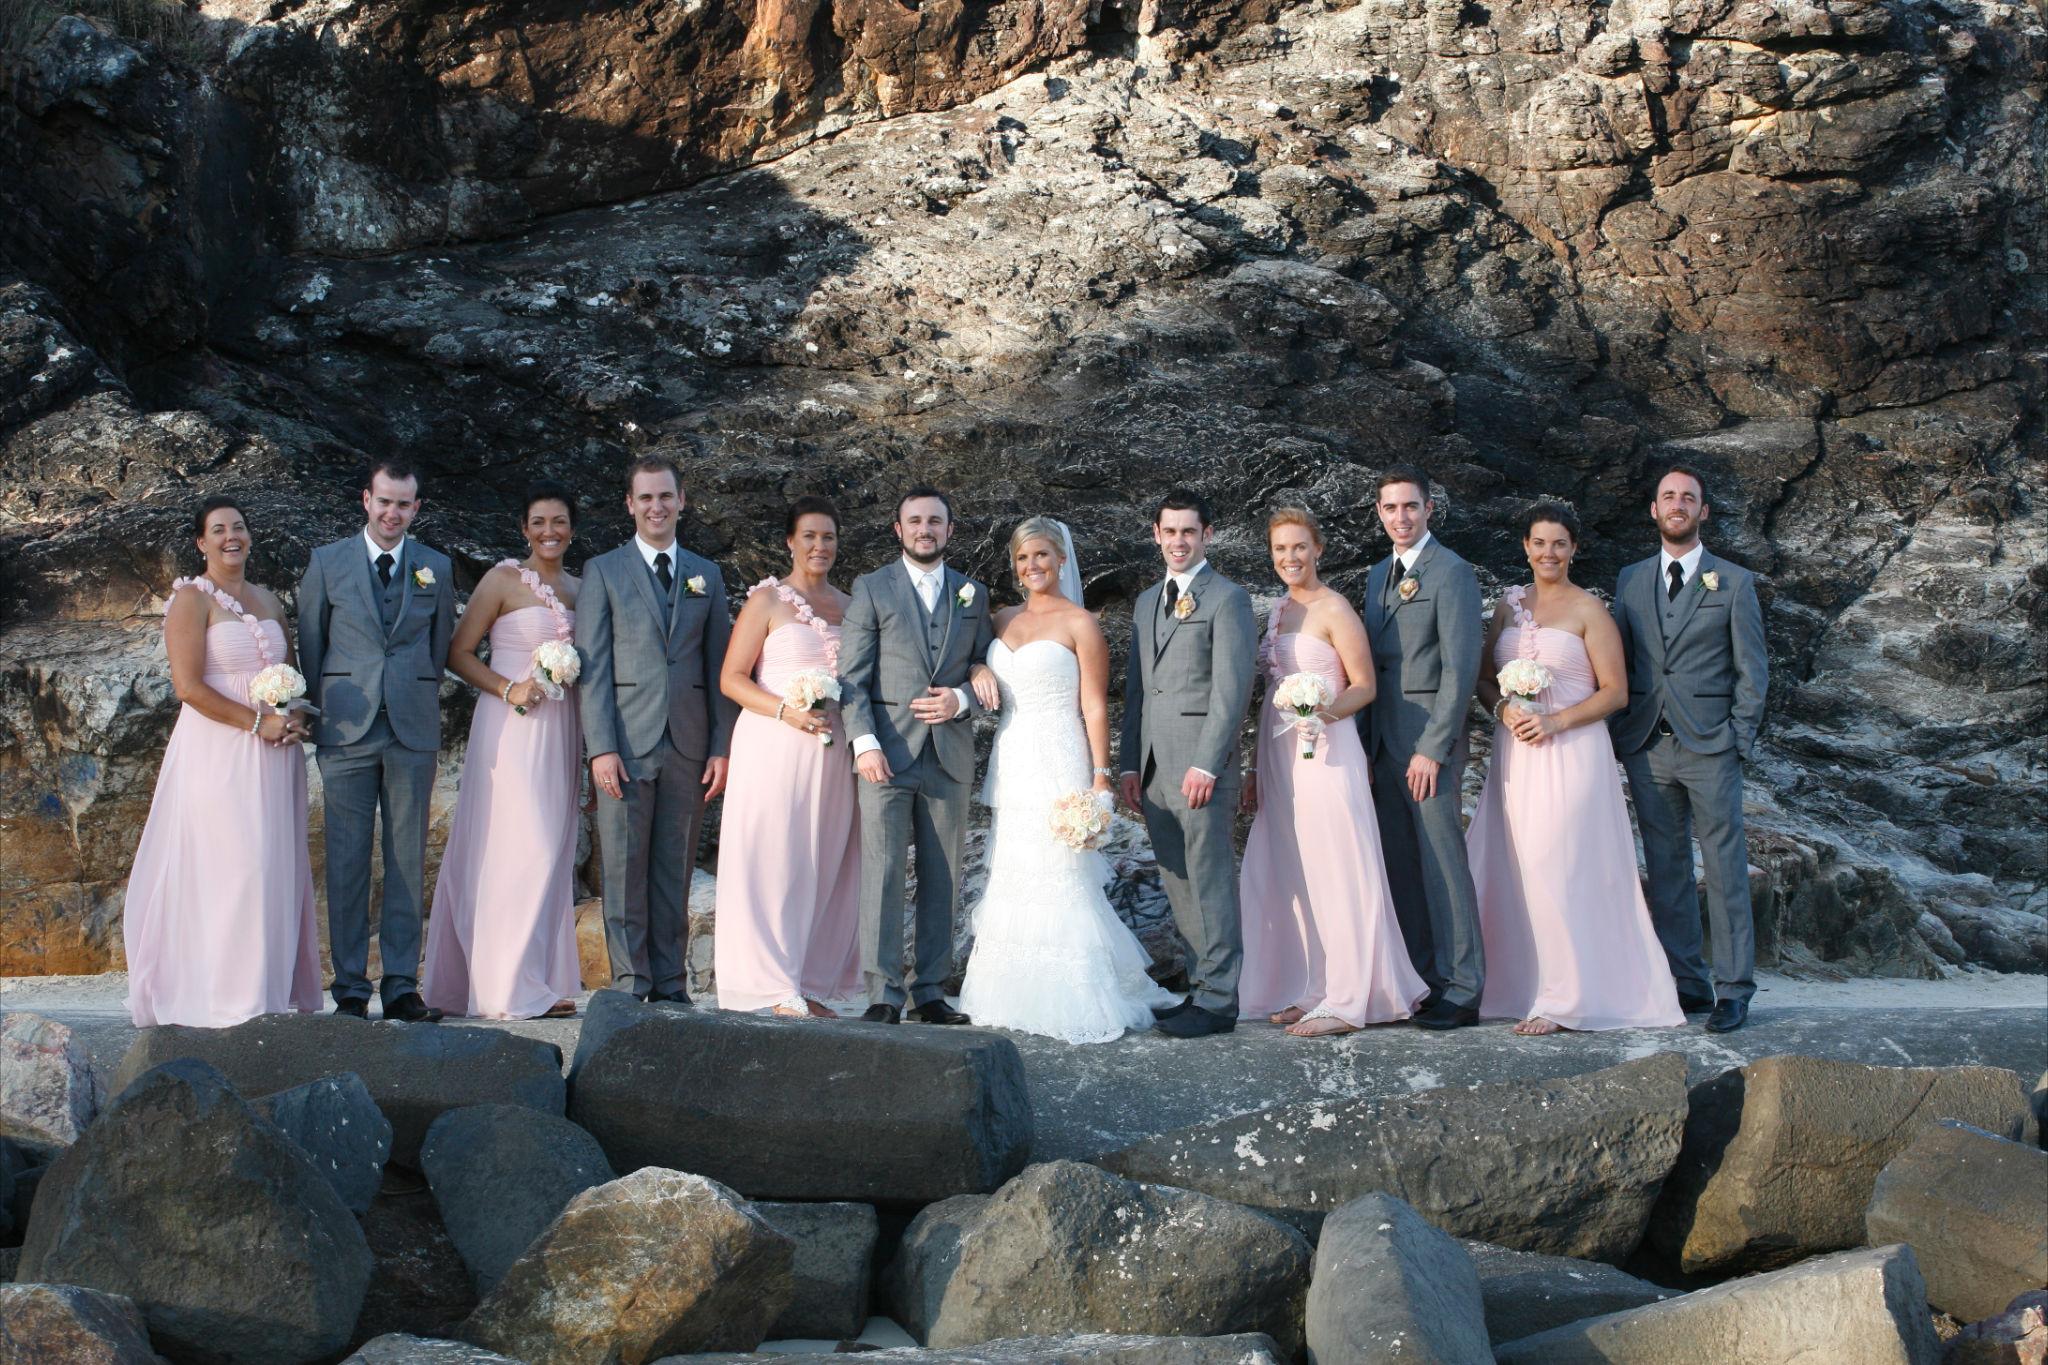 Real Life Wedding Sandy David